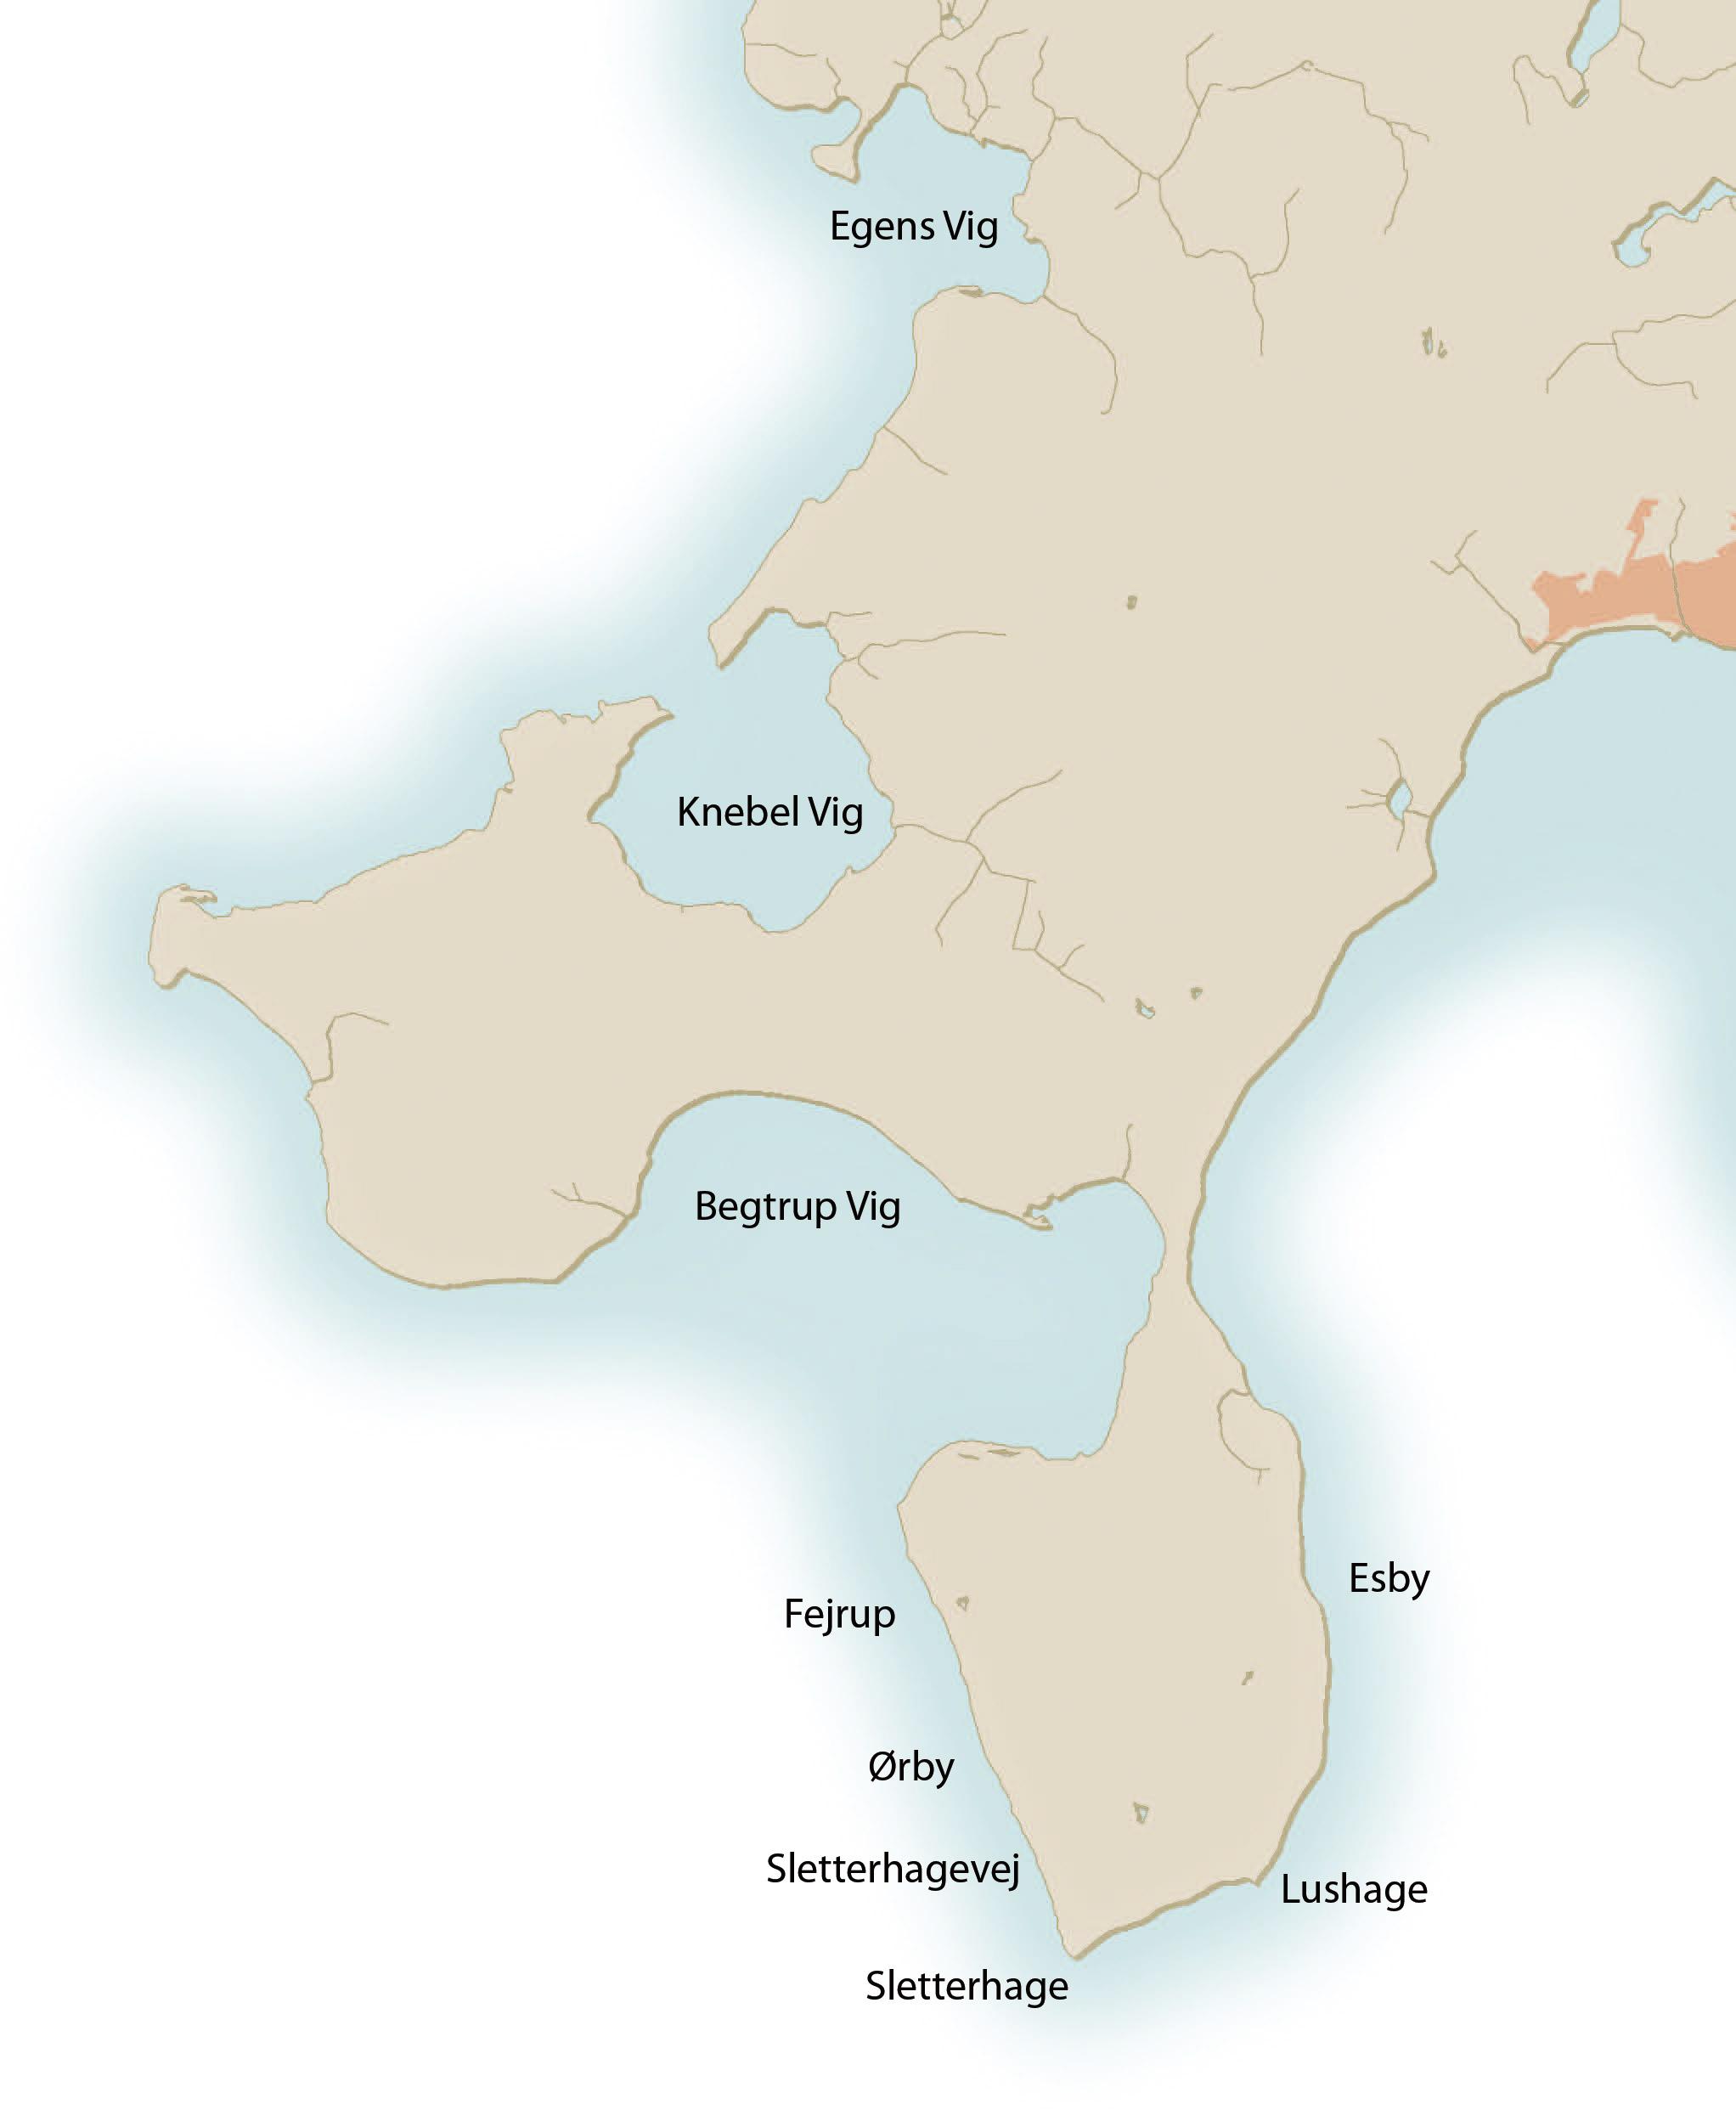 Havørredpladser på Djursland